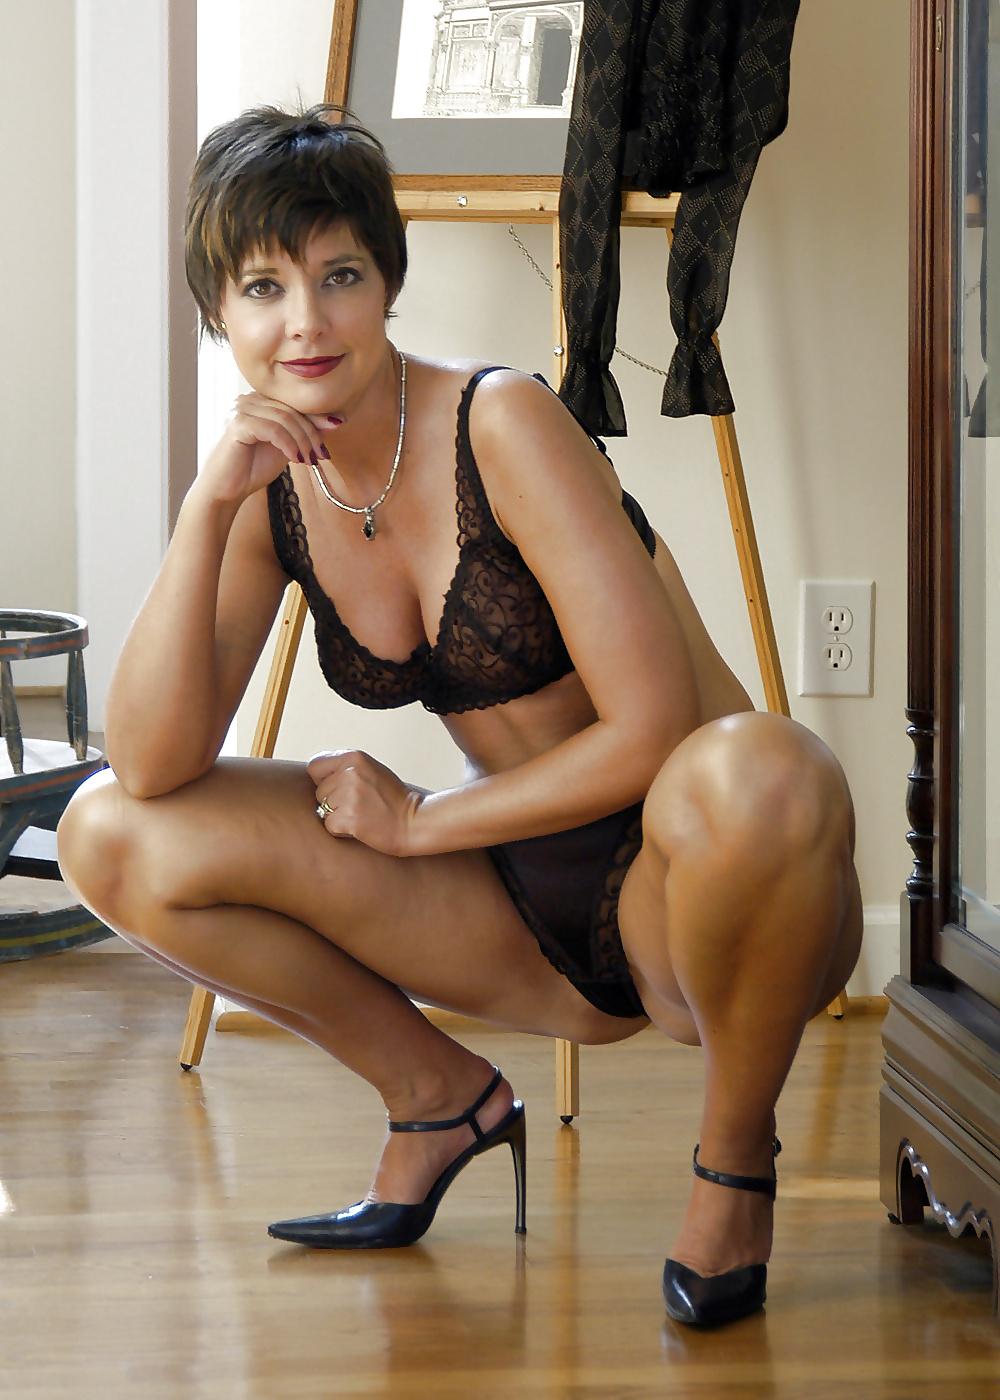 Фото красивых сексуальных зрелых женщин нас